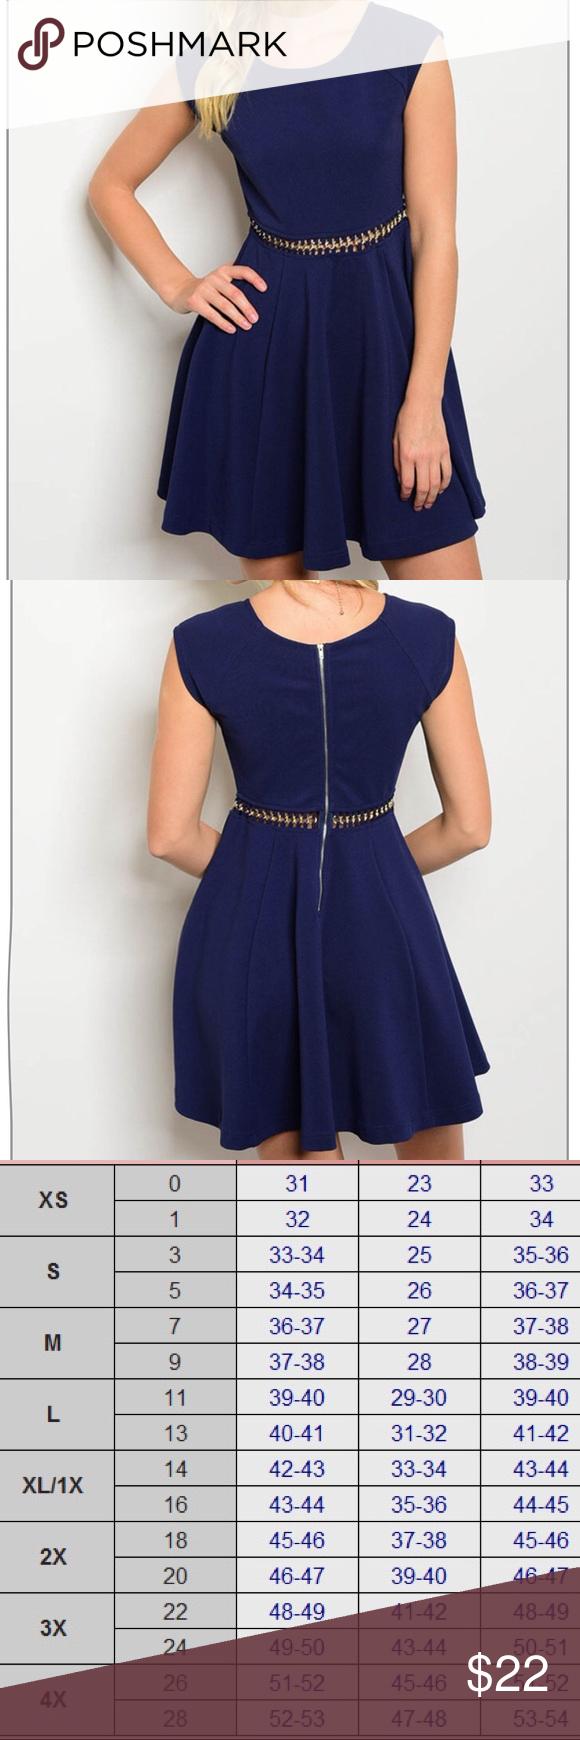 c59a61cdf1 Ladies Women Navy Blue Flare Skater Dress S M L Boutique